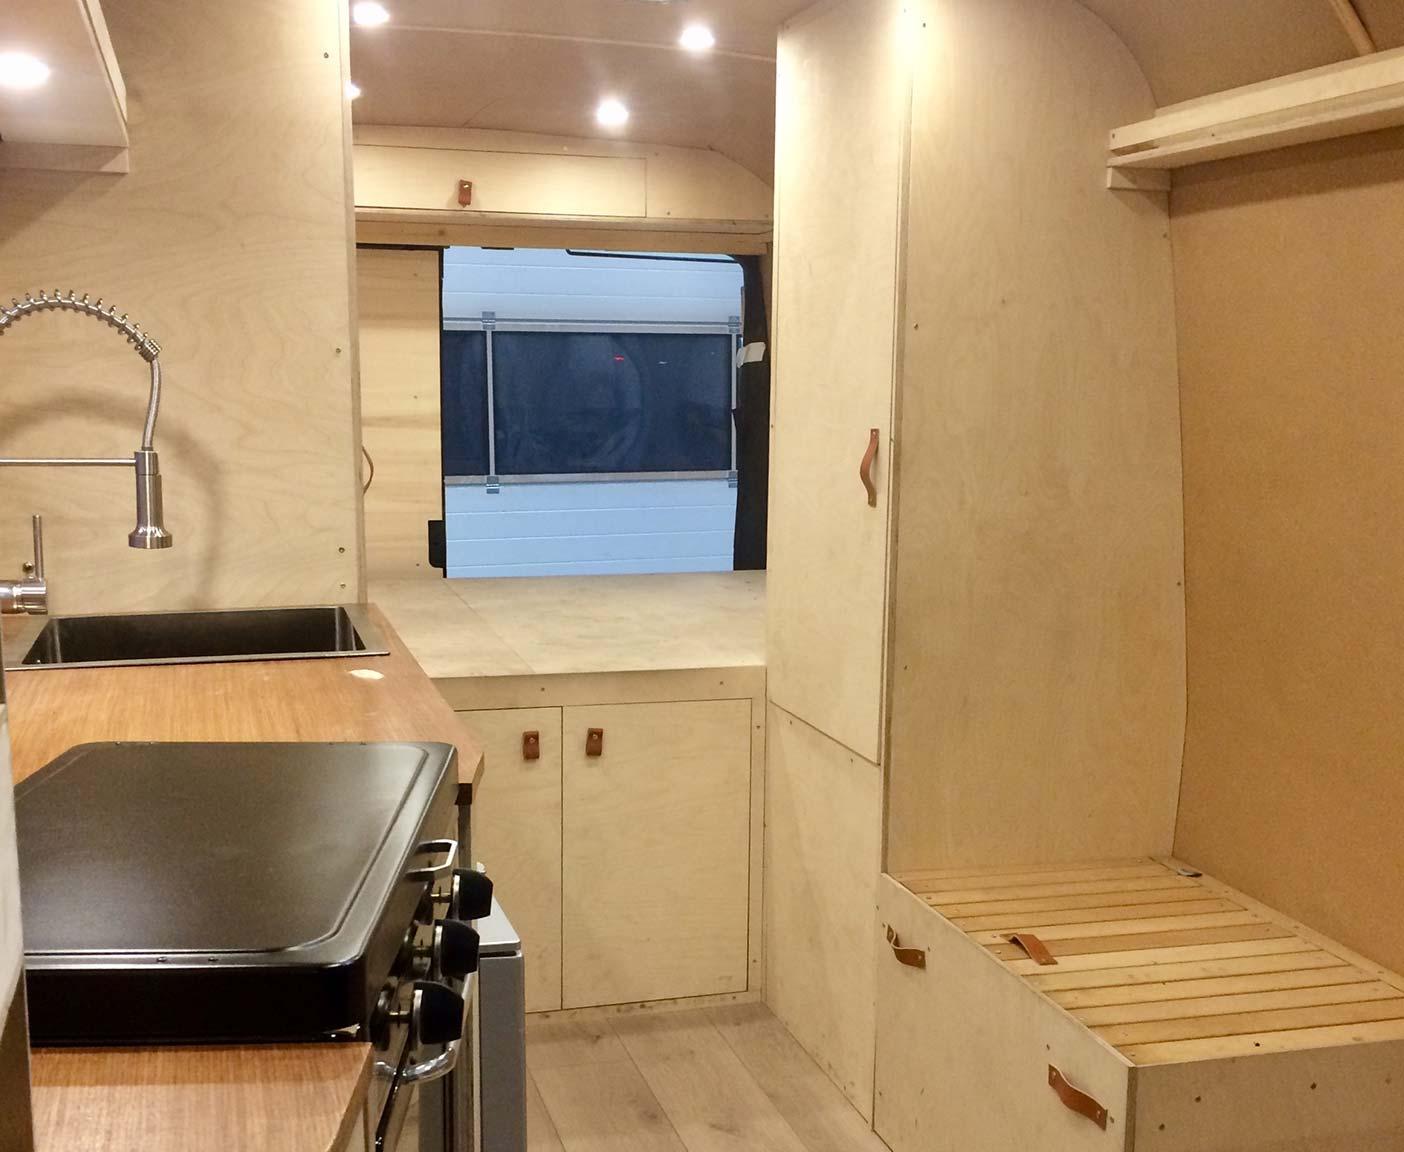 mercedes-407d-wohnmobil-gebraucht-vario-kaufen-basis-benz-16